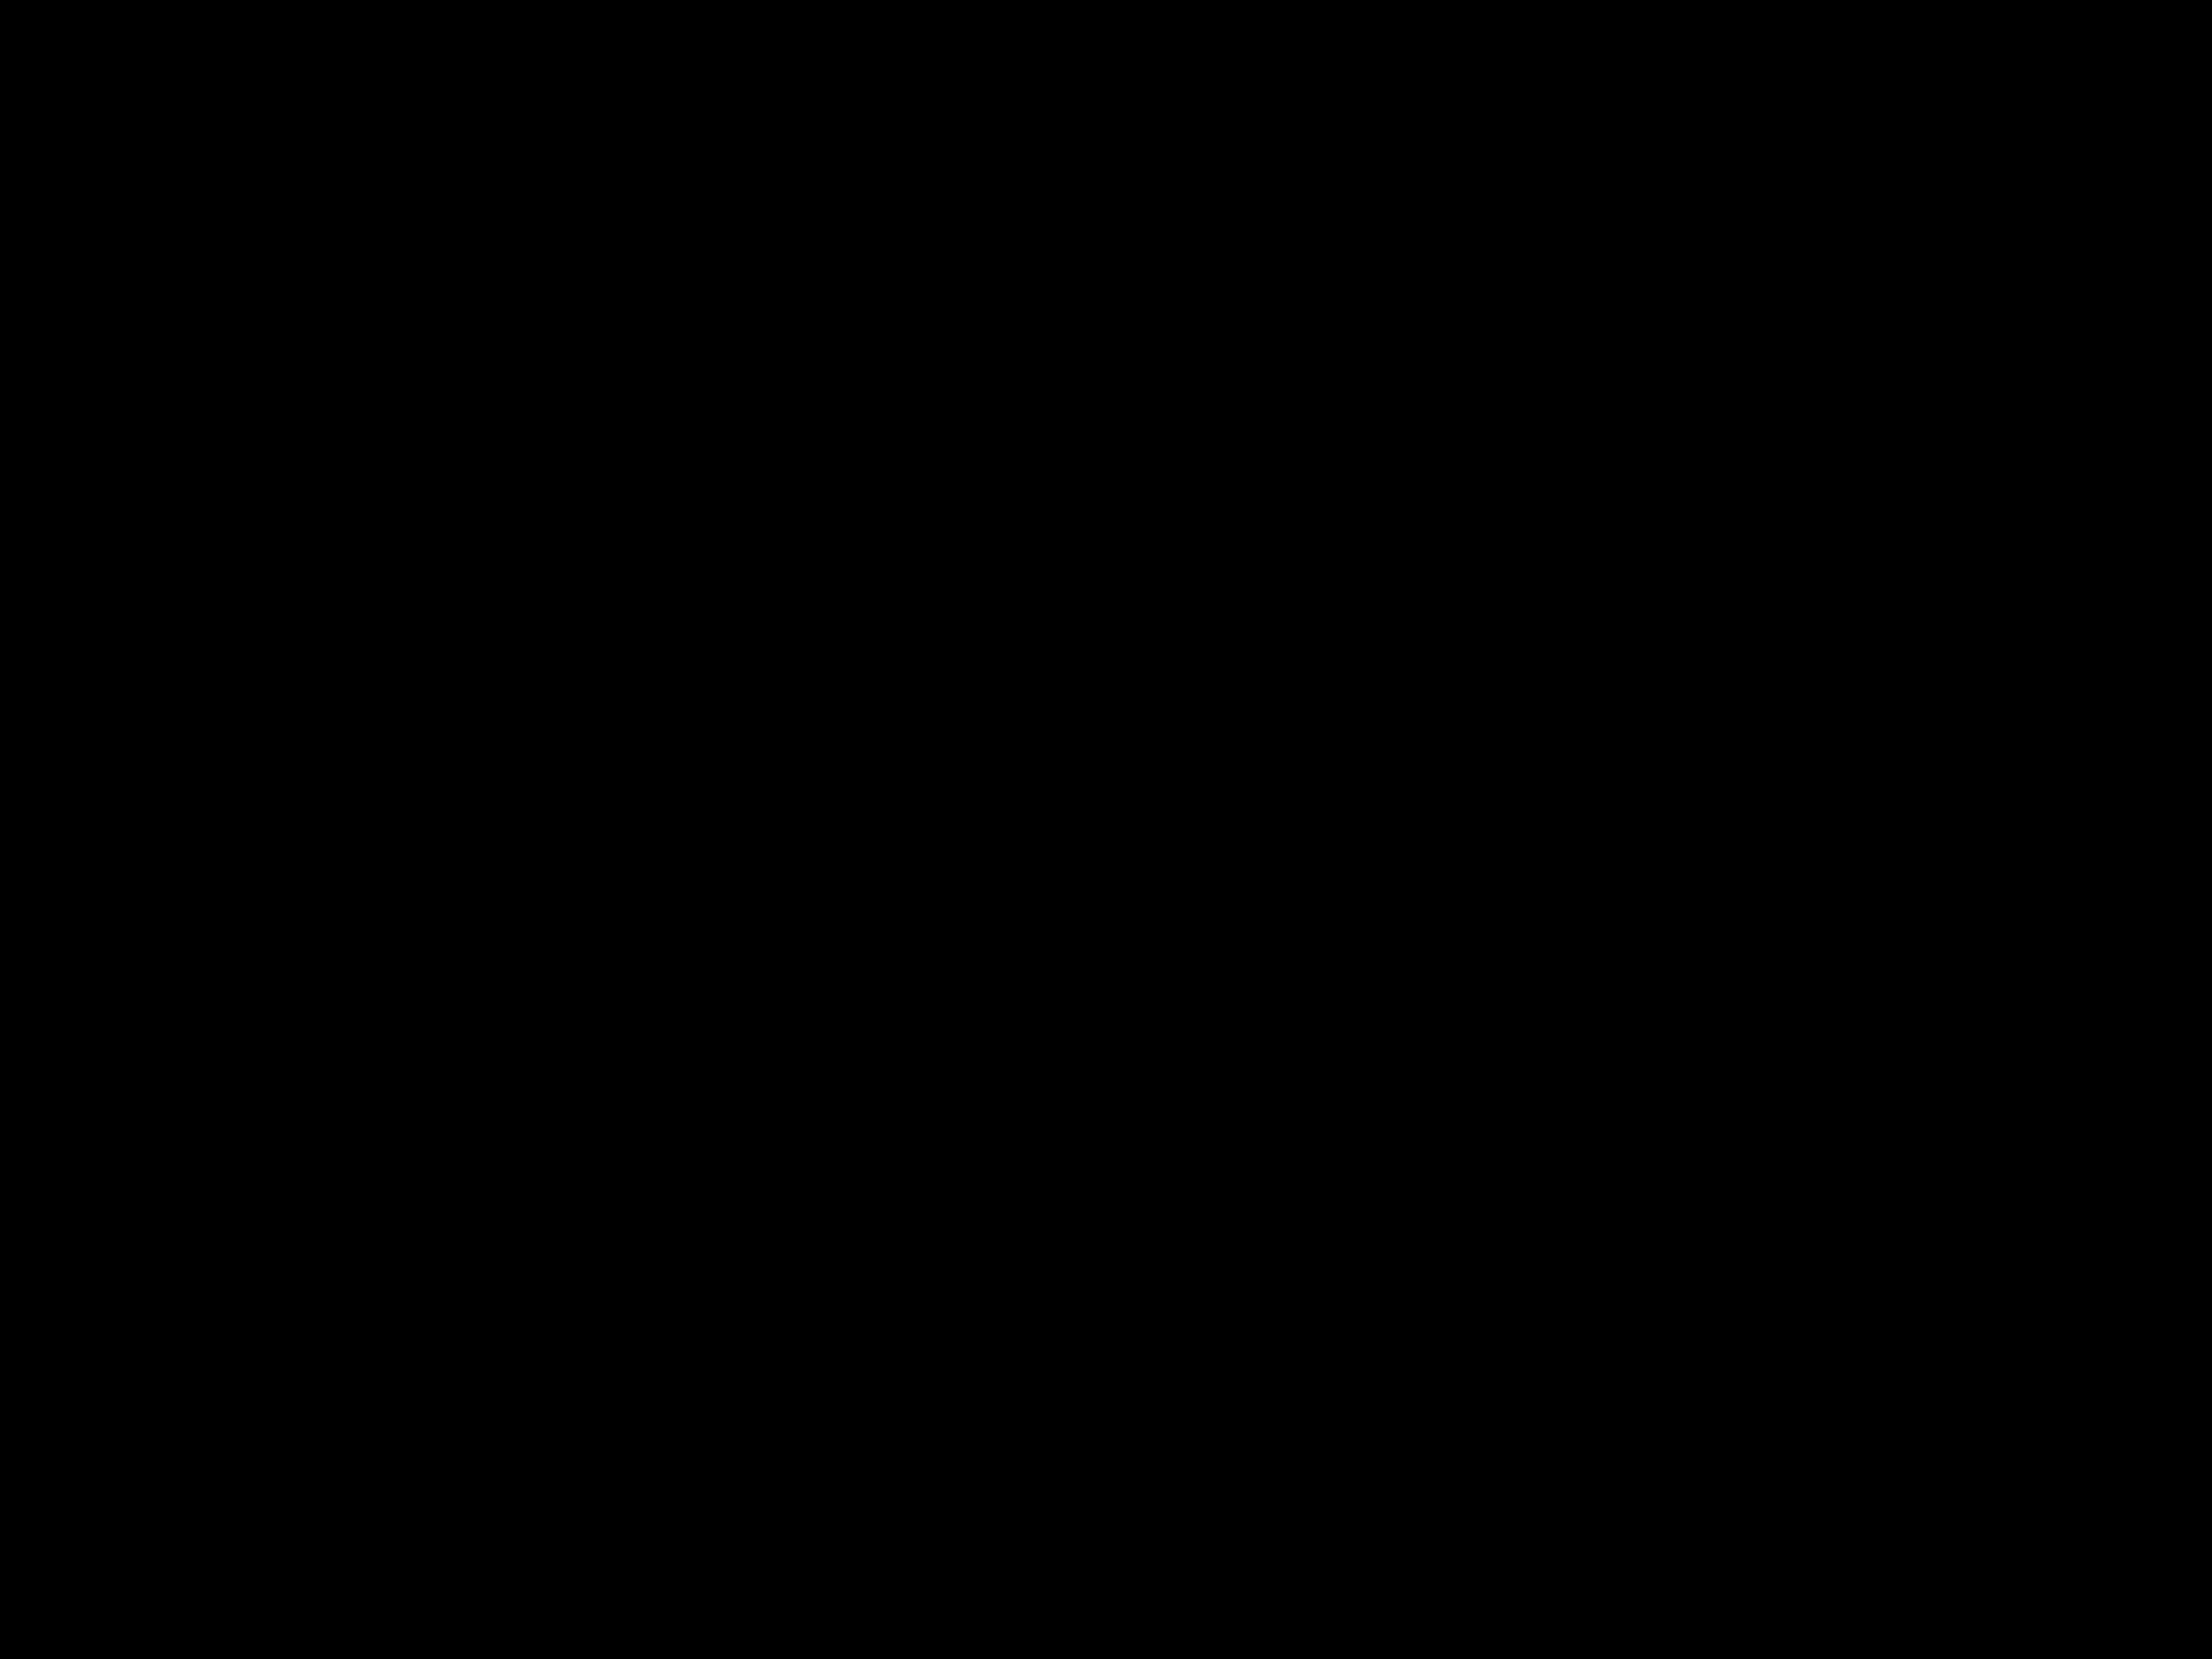 Orange BigBanga : Le concours pour révéler les talents de Mayotte